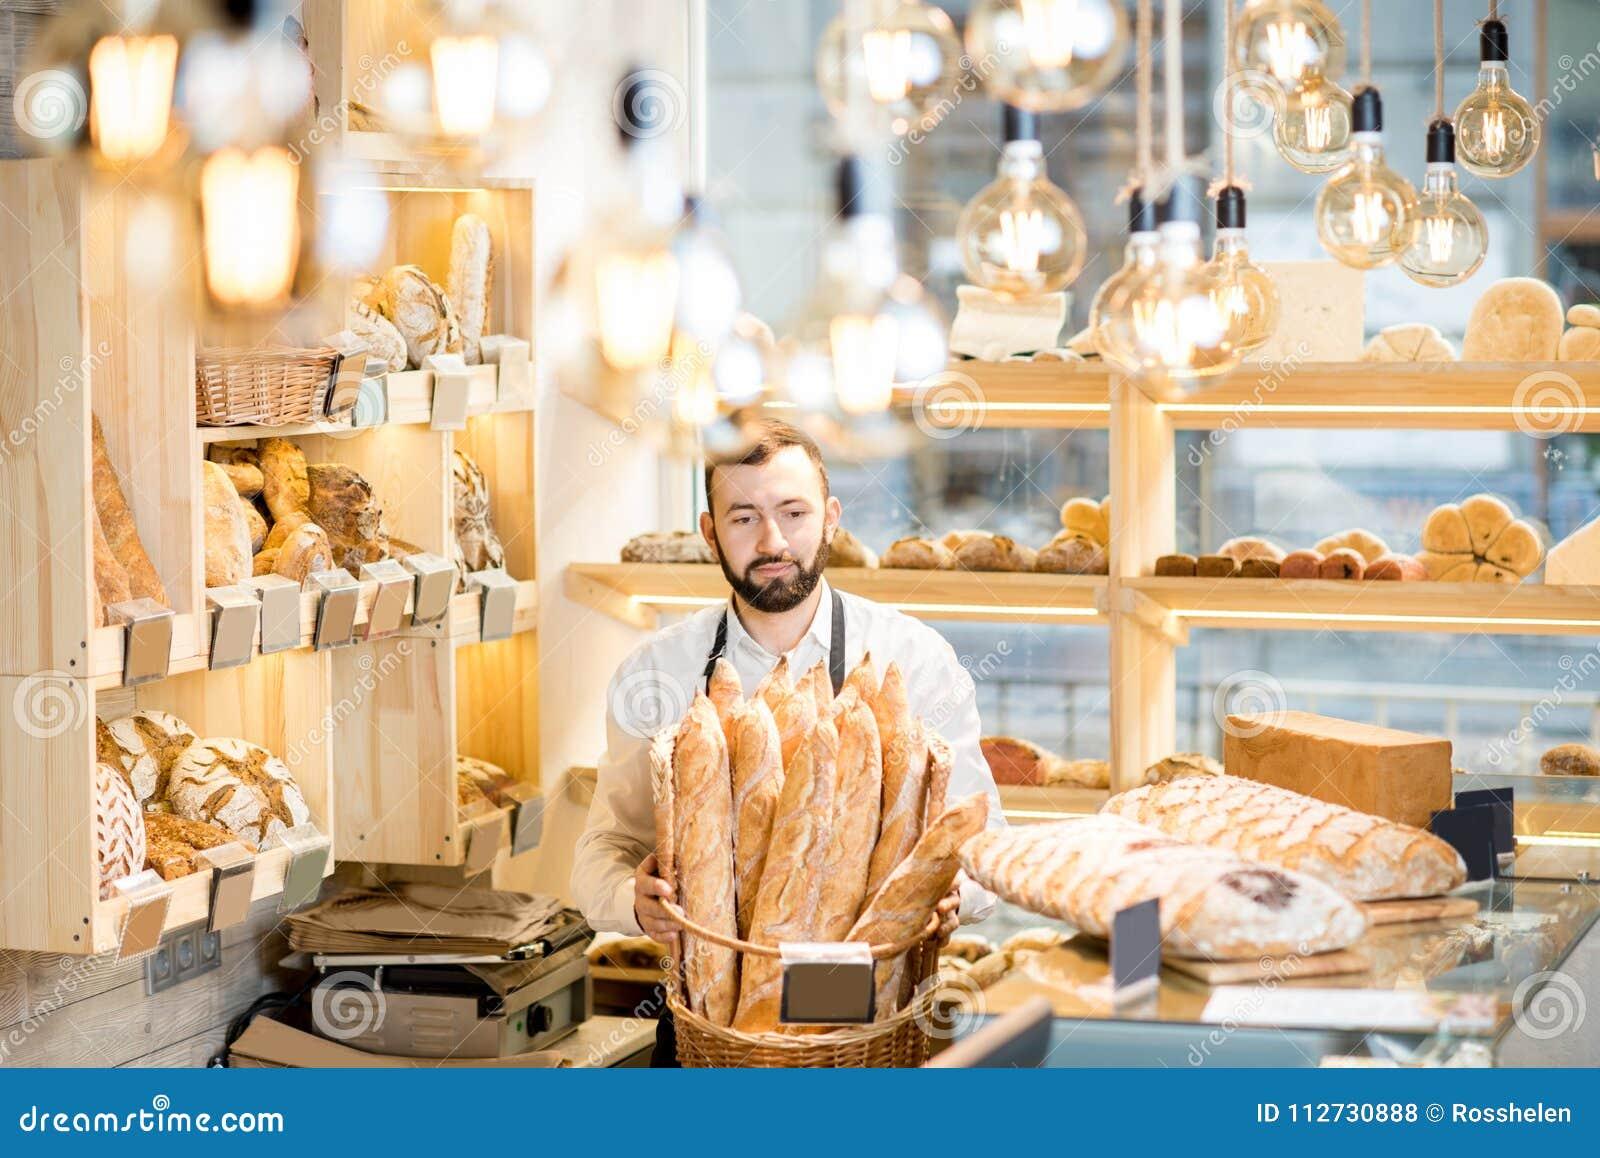 Продавец в магазине хлеба